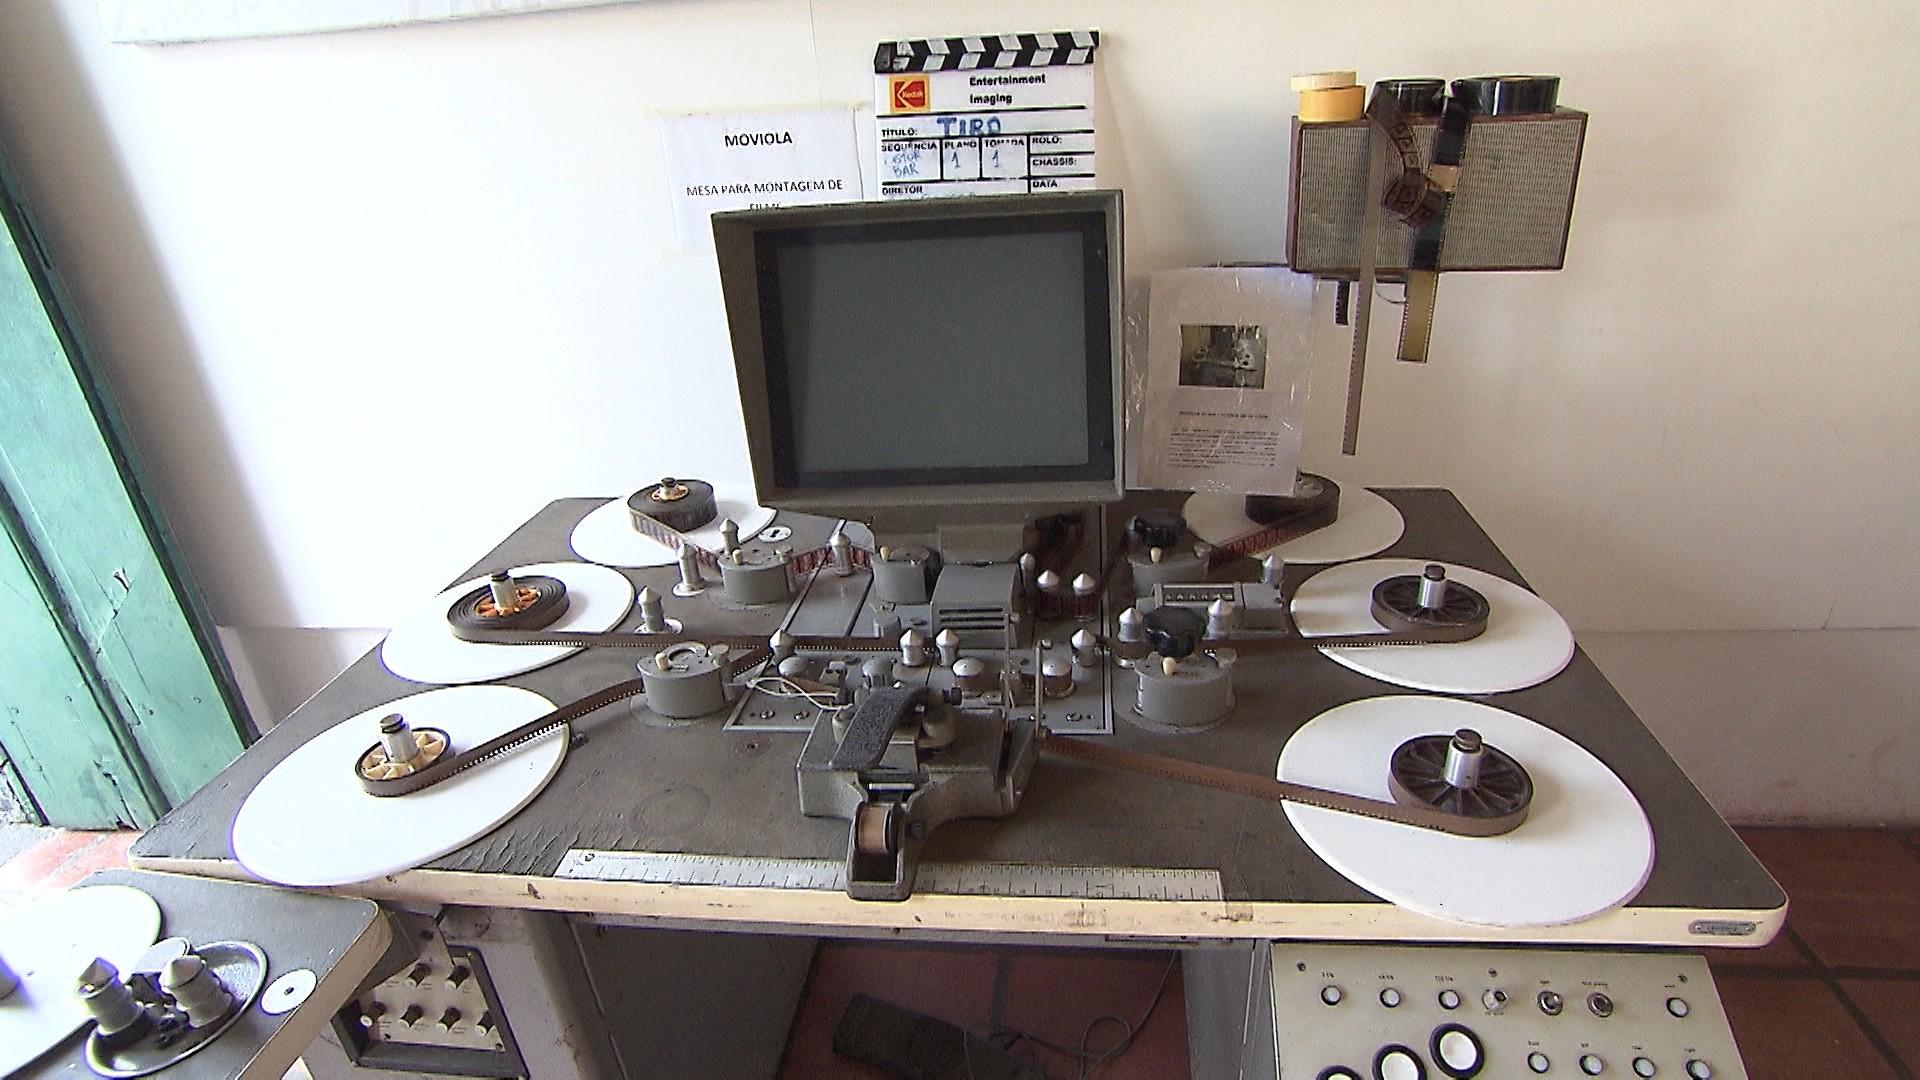 Entre as peças do acervo está a moviola, equipamento utilizado para selecionar as cenas (Foto: Divulgação)